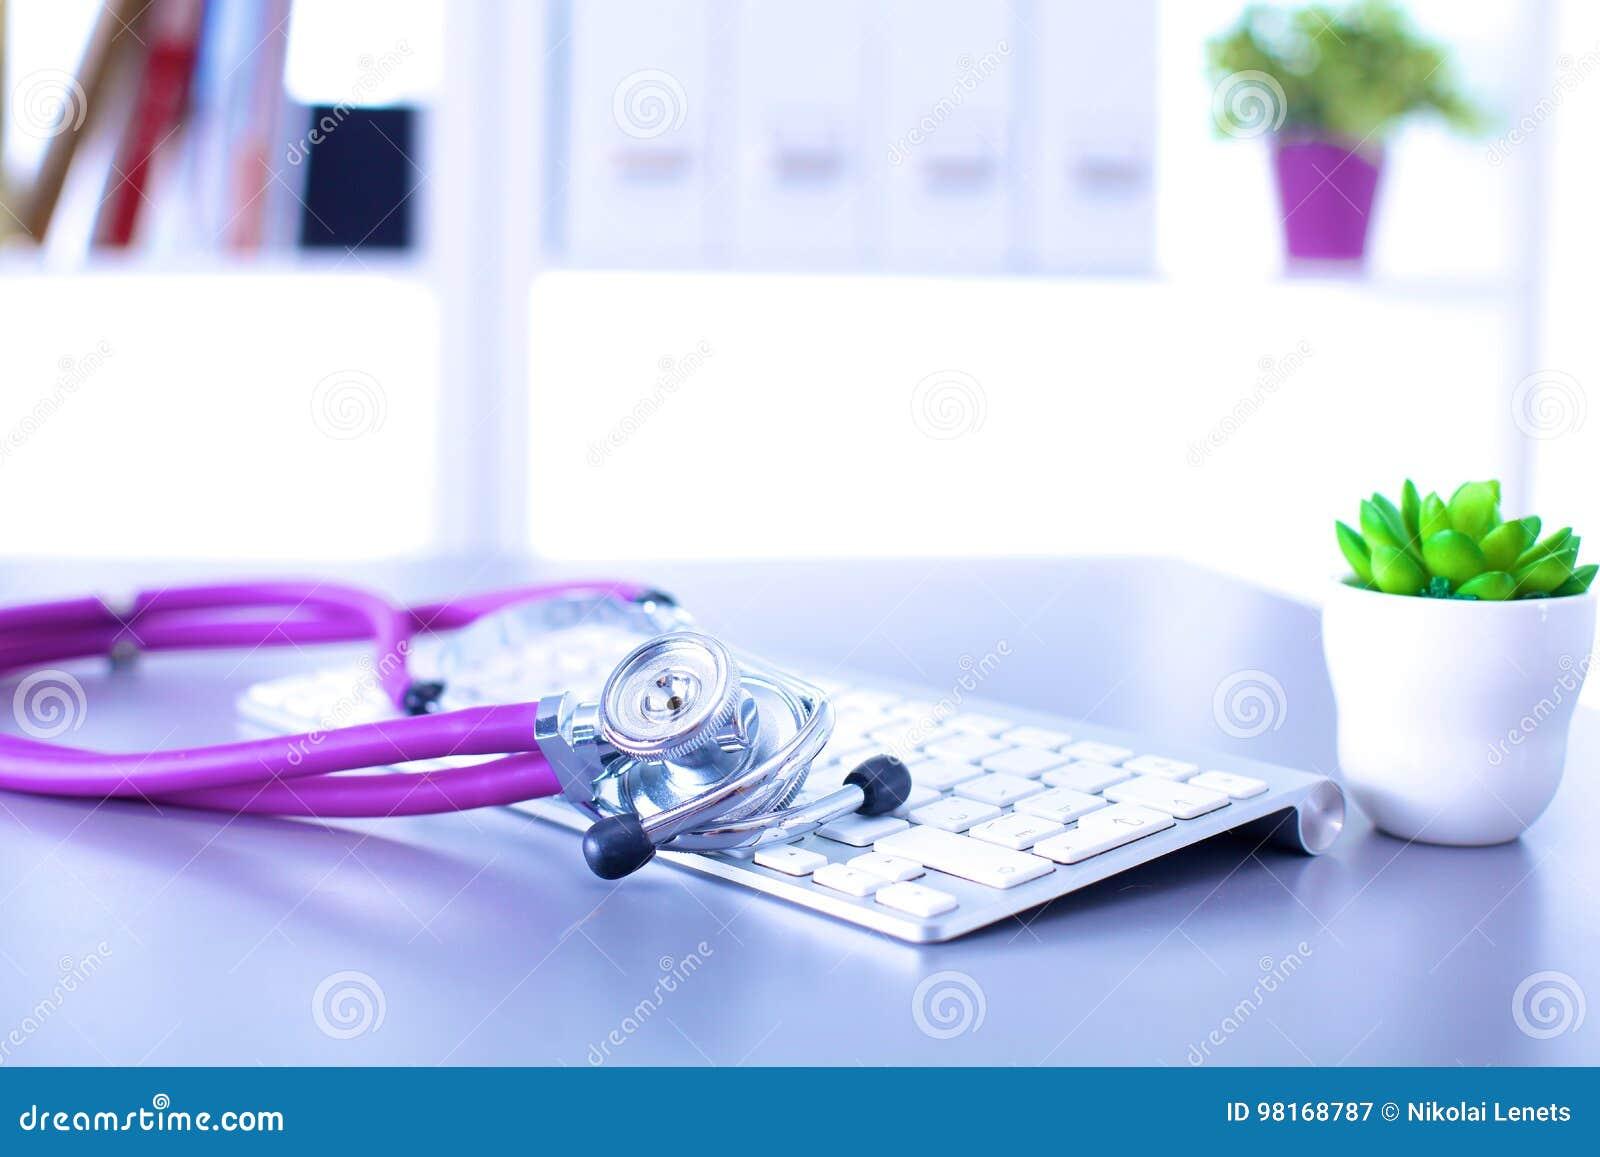 Estetoscópio médico com um computador na mesa